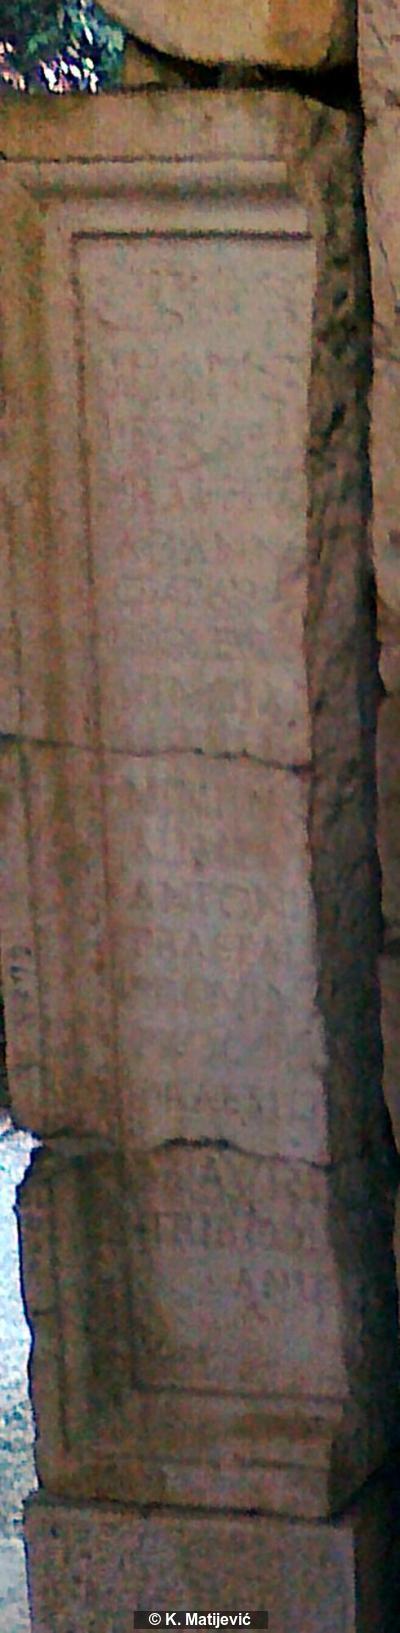 Ehreninschrift